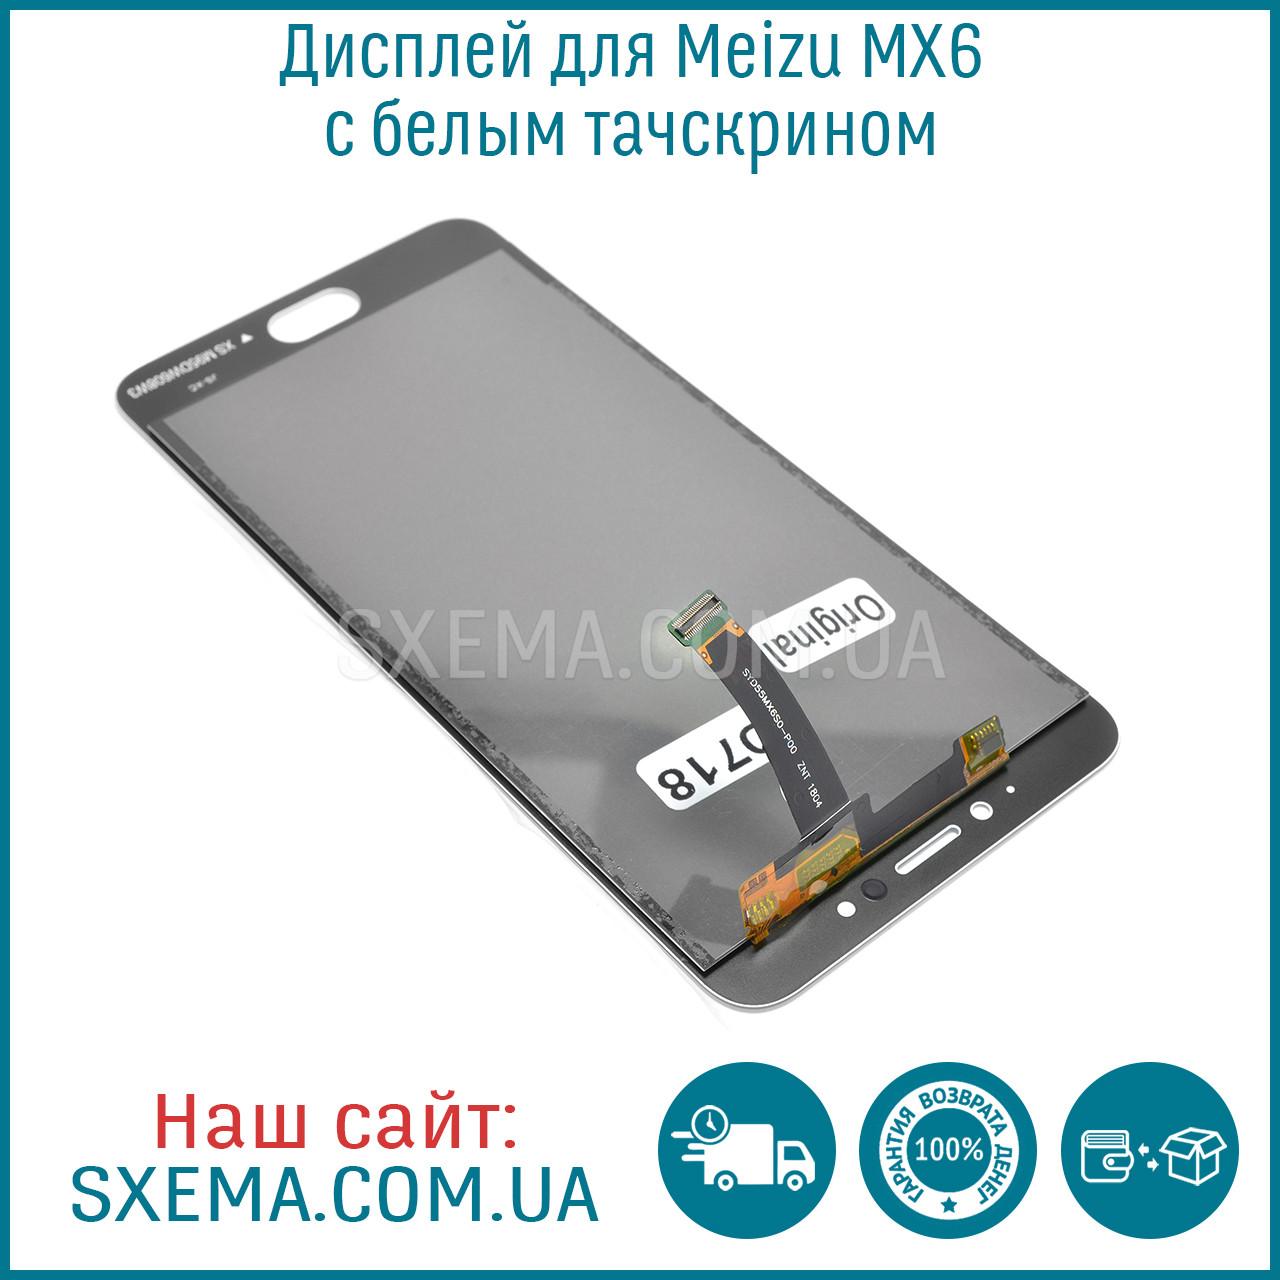 Дисплей для Meizu MX6 с белым тачскрином оригинал